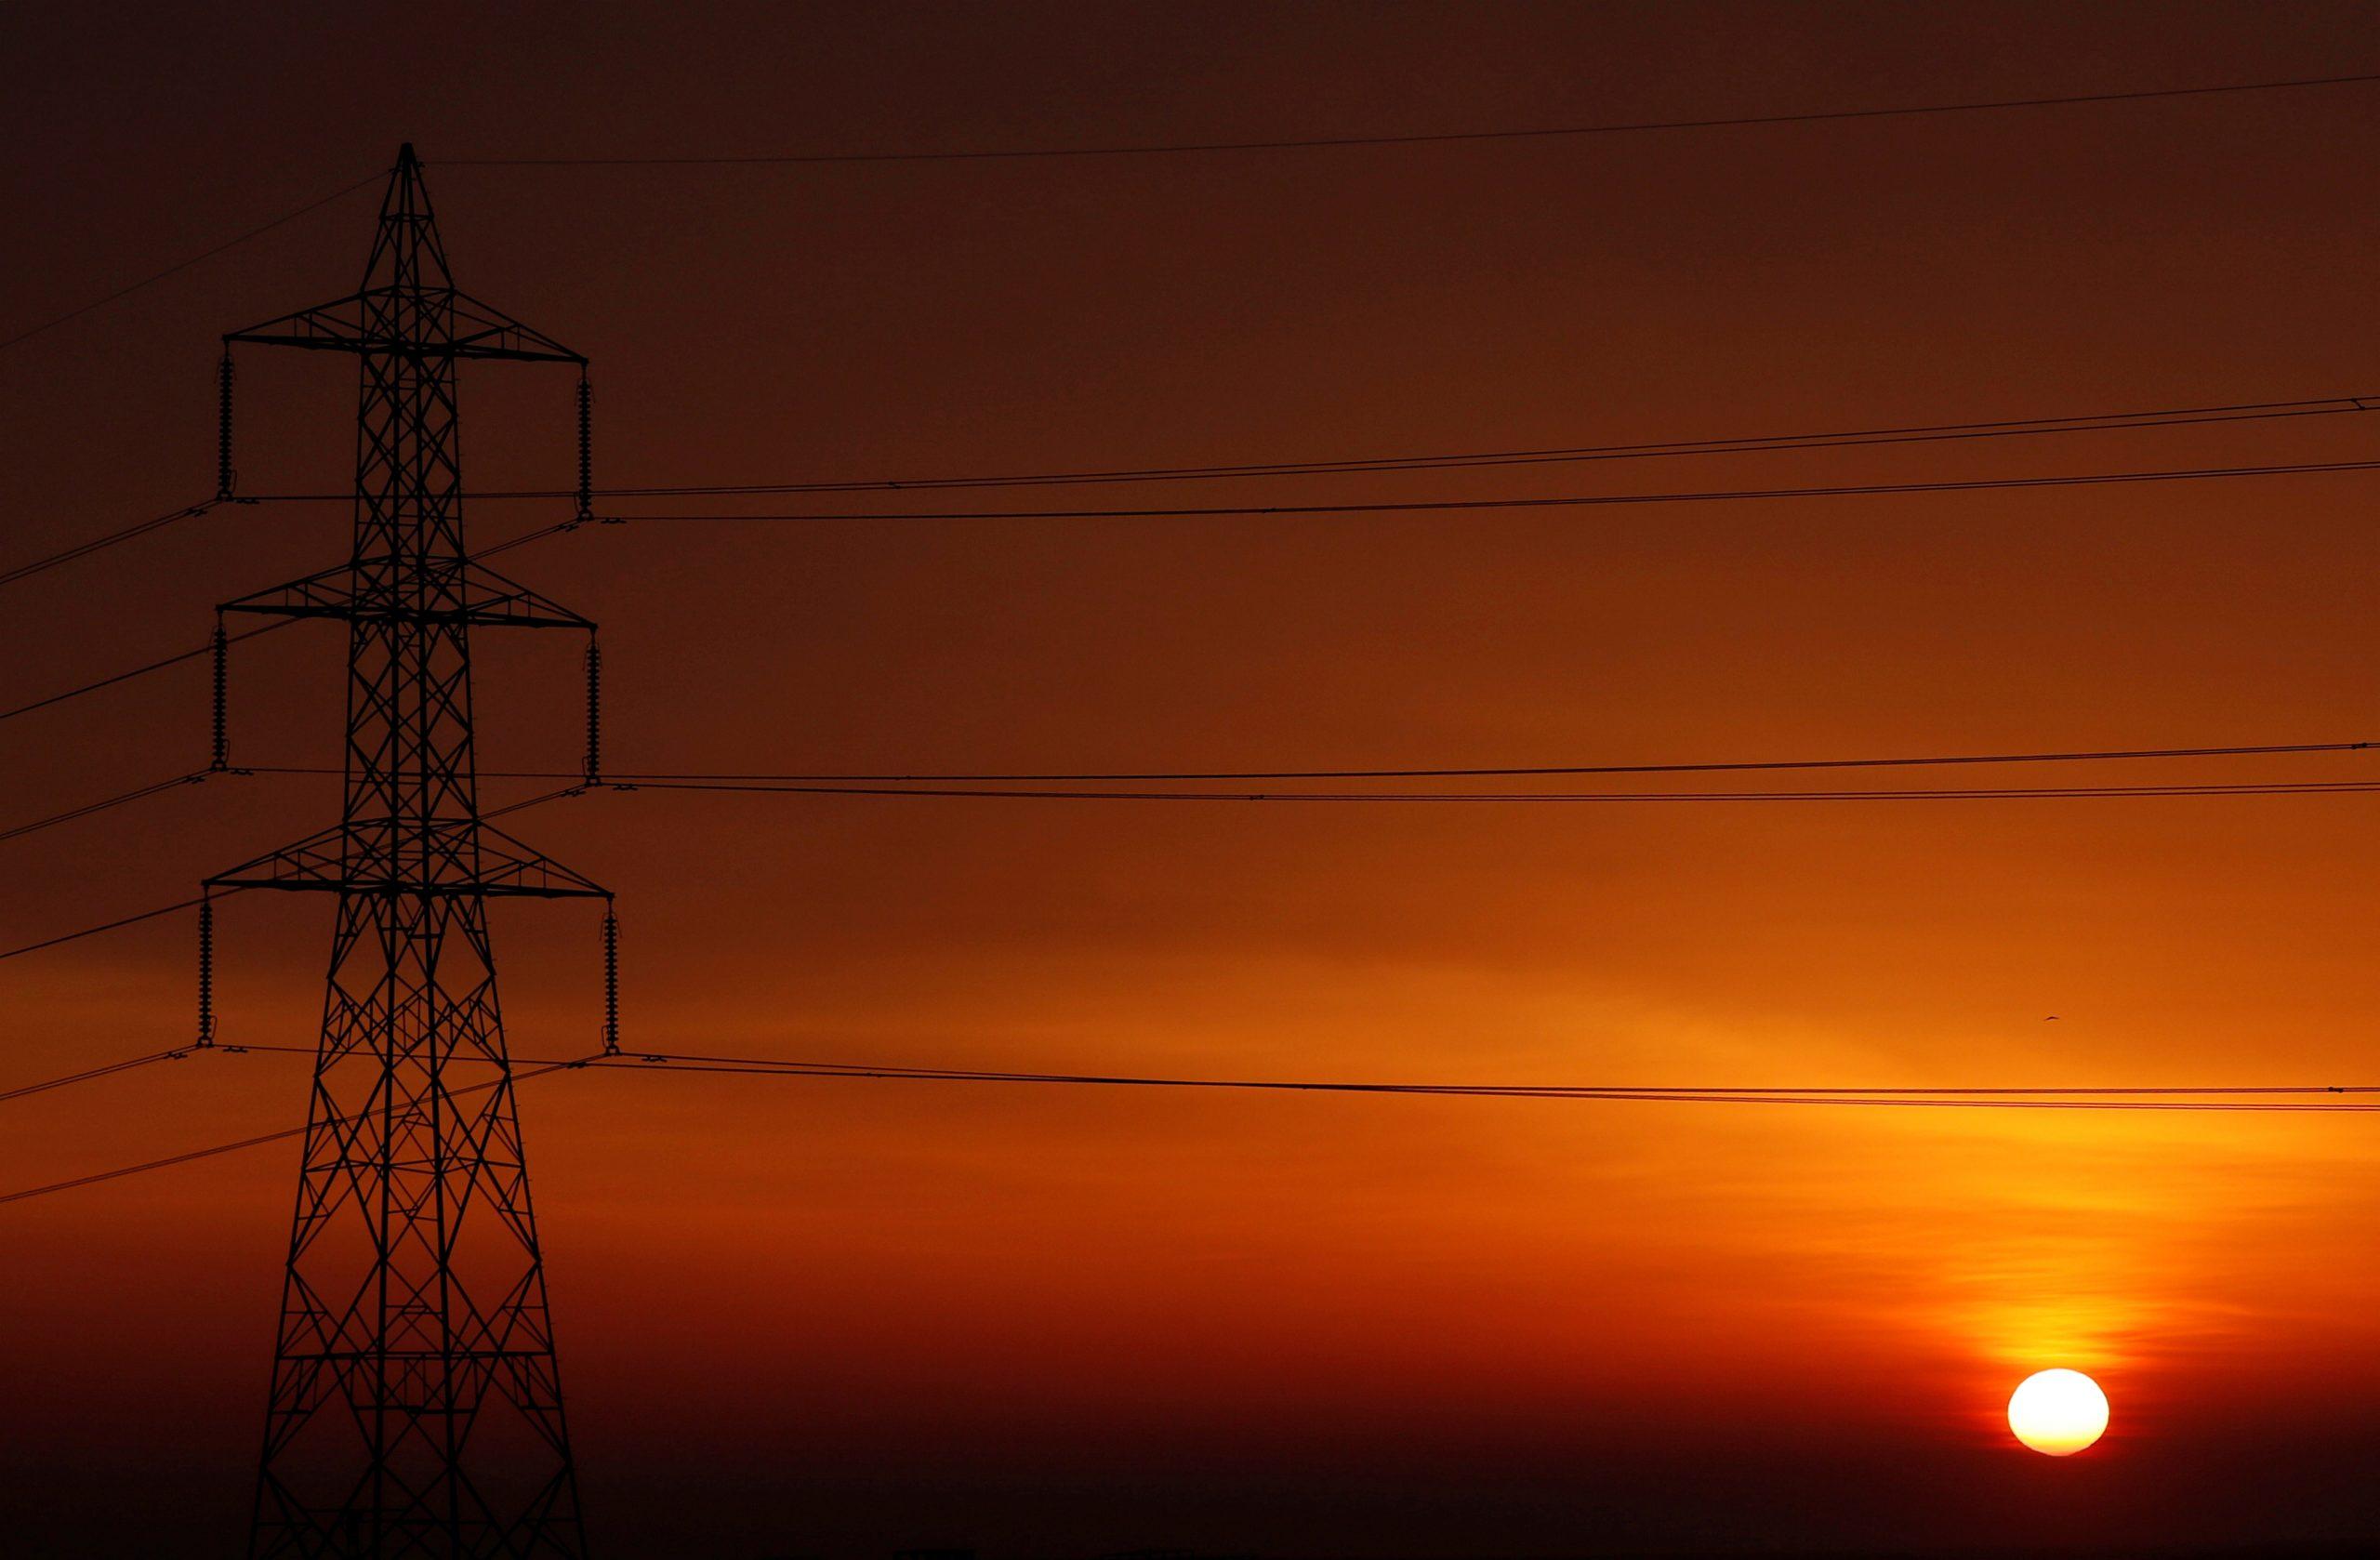 Energia Transmissão Elétrica